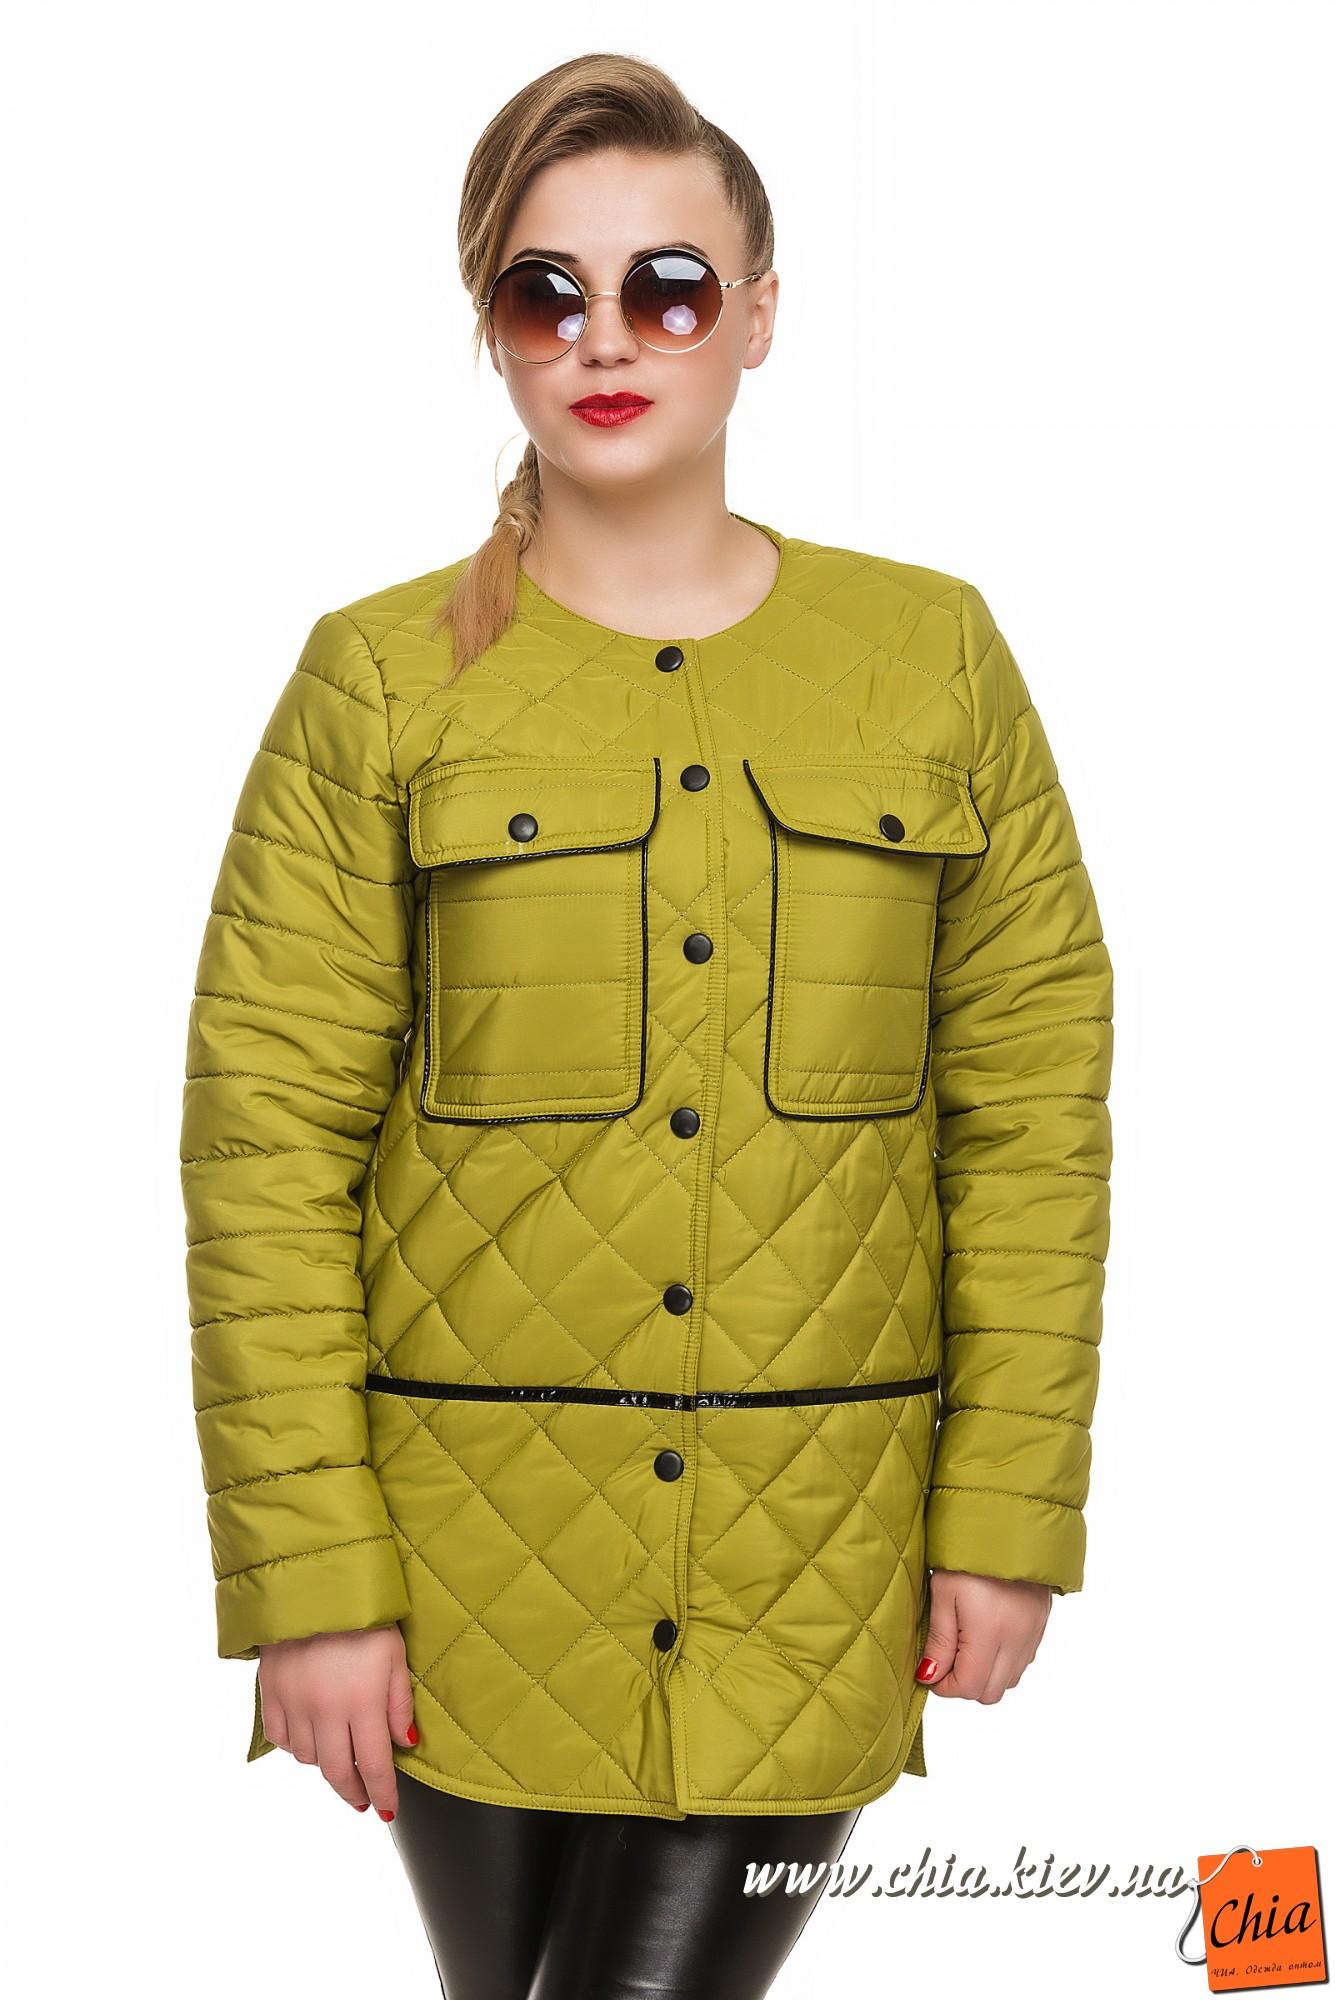 Весенние женские куртки интернет магазин купить футболки туники женские